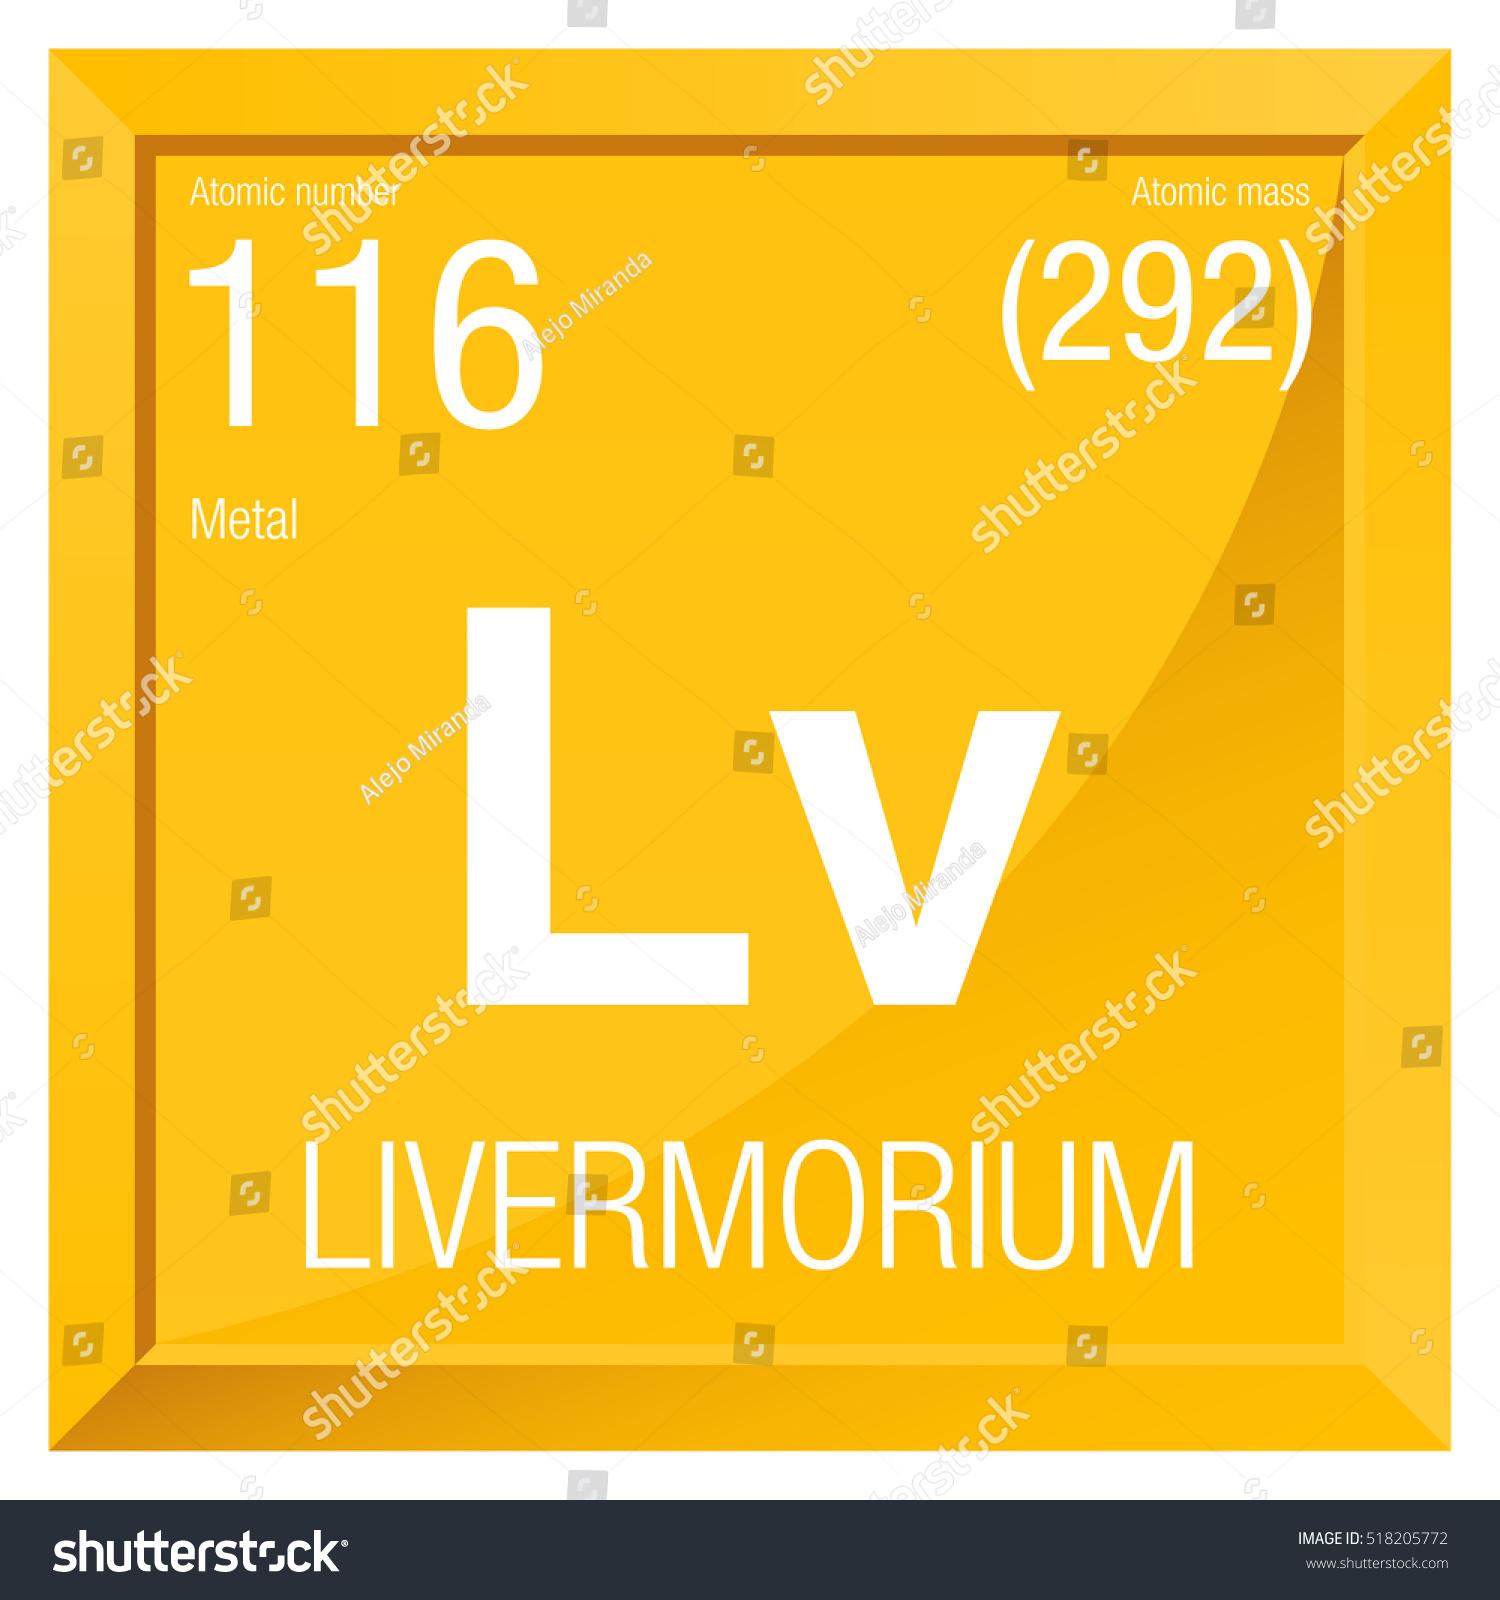 Gold periodic table symbol choice image periodic table images livermorium symbol element number 116 periodic stock vector livermorium symbol element number 116 of the periodic gamestrikefo Image collections